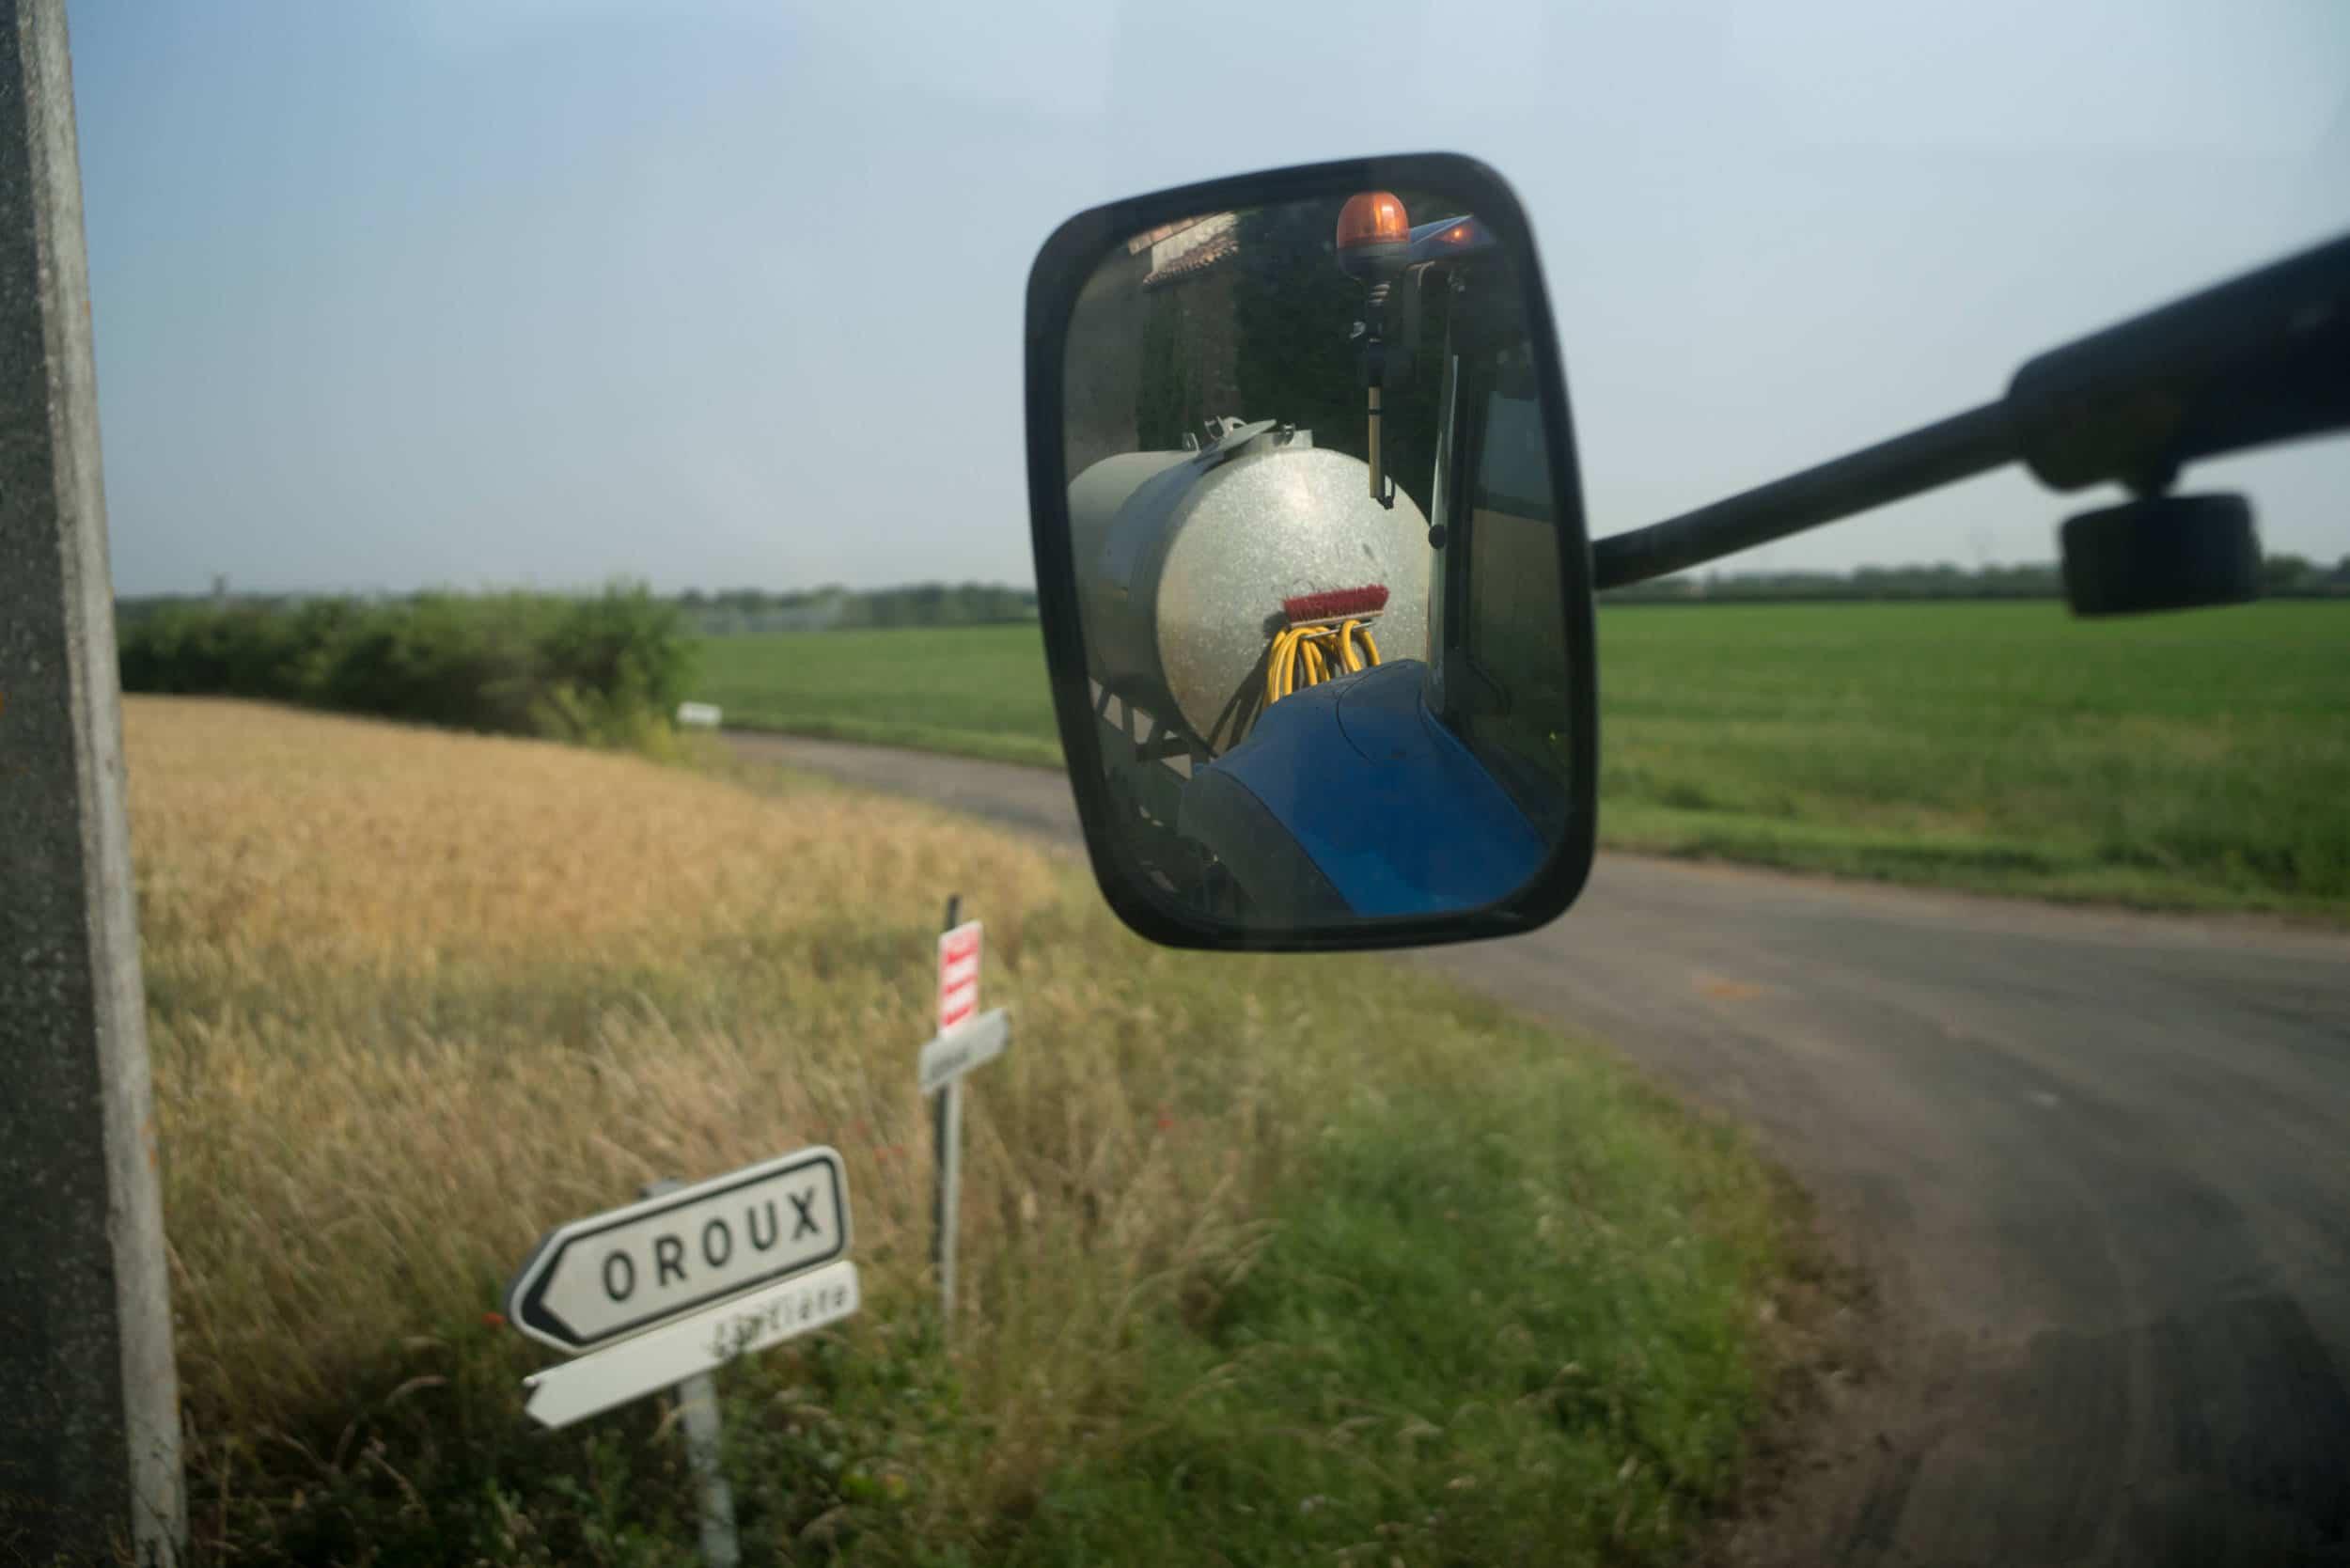 """Au premier plan, le rétroviseur du tracteur montre la citerne qu'il remorque. Au second plan s'étendent les champs et des panneaux d'indication portant la mention """"Oroux""""."""